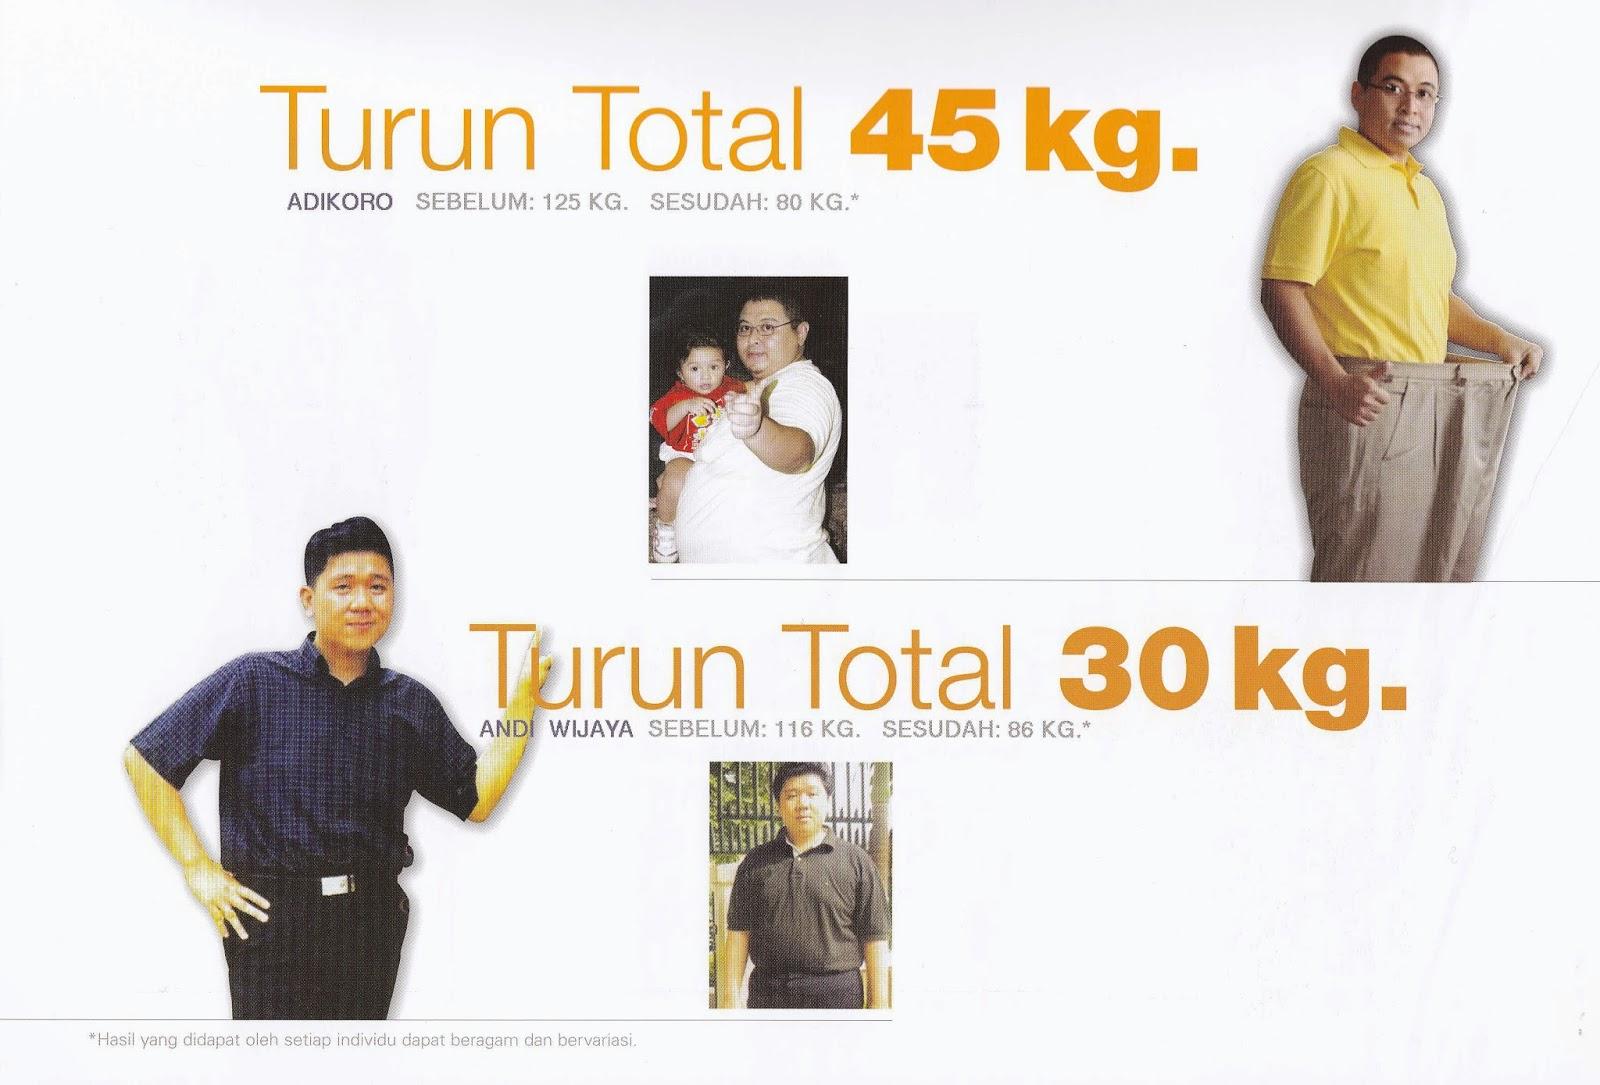 Cara Diet Yang Sehat Untuk Remaja, Cara Diet Yang Sehat Dan Cepat, Cara Diet Yang Sehat Dan Alami, Cara Diet Yang Sehat Dan Benar, Cara Diet Yang Sehat Tanpa Olahraga,